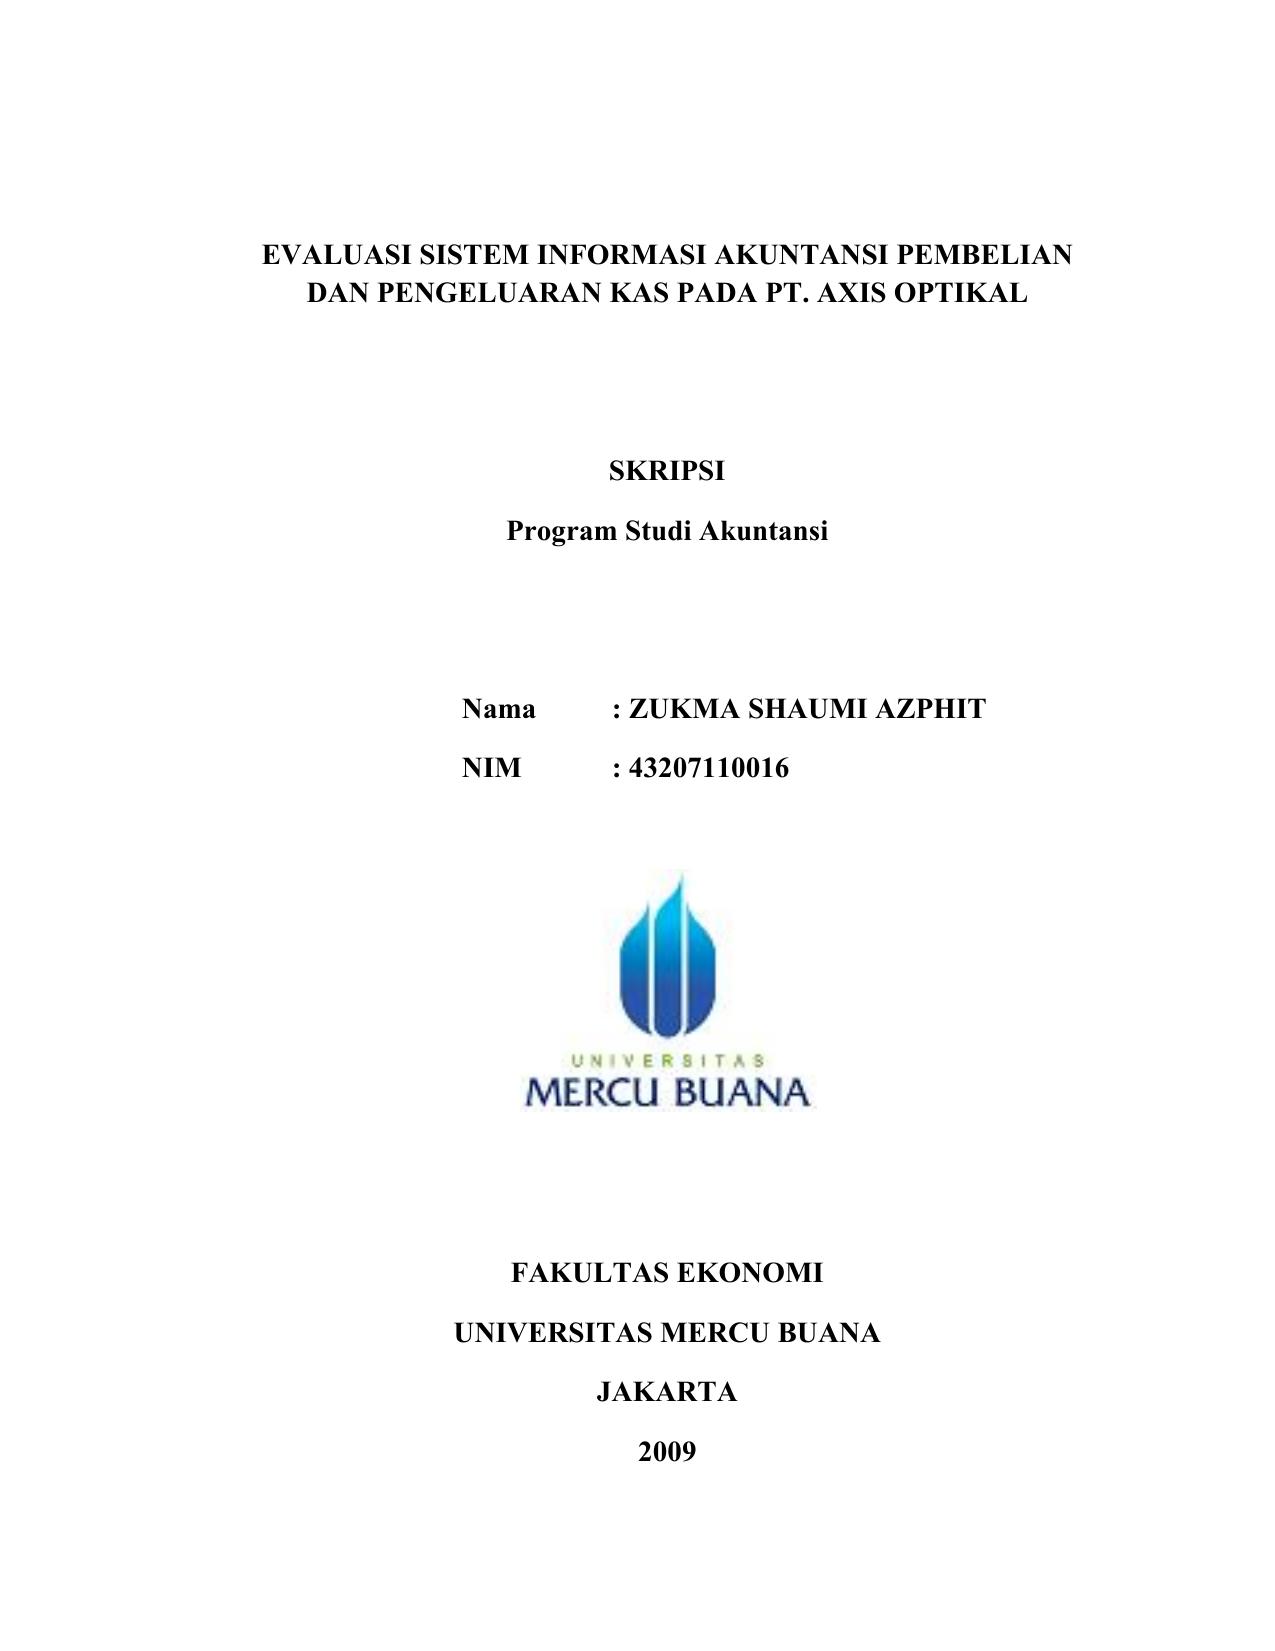 Evaluasi Sistem Informasi Akuntansi Pembelian Dan